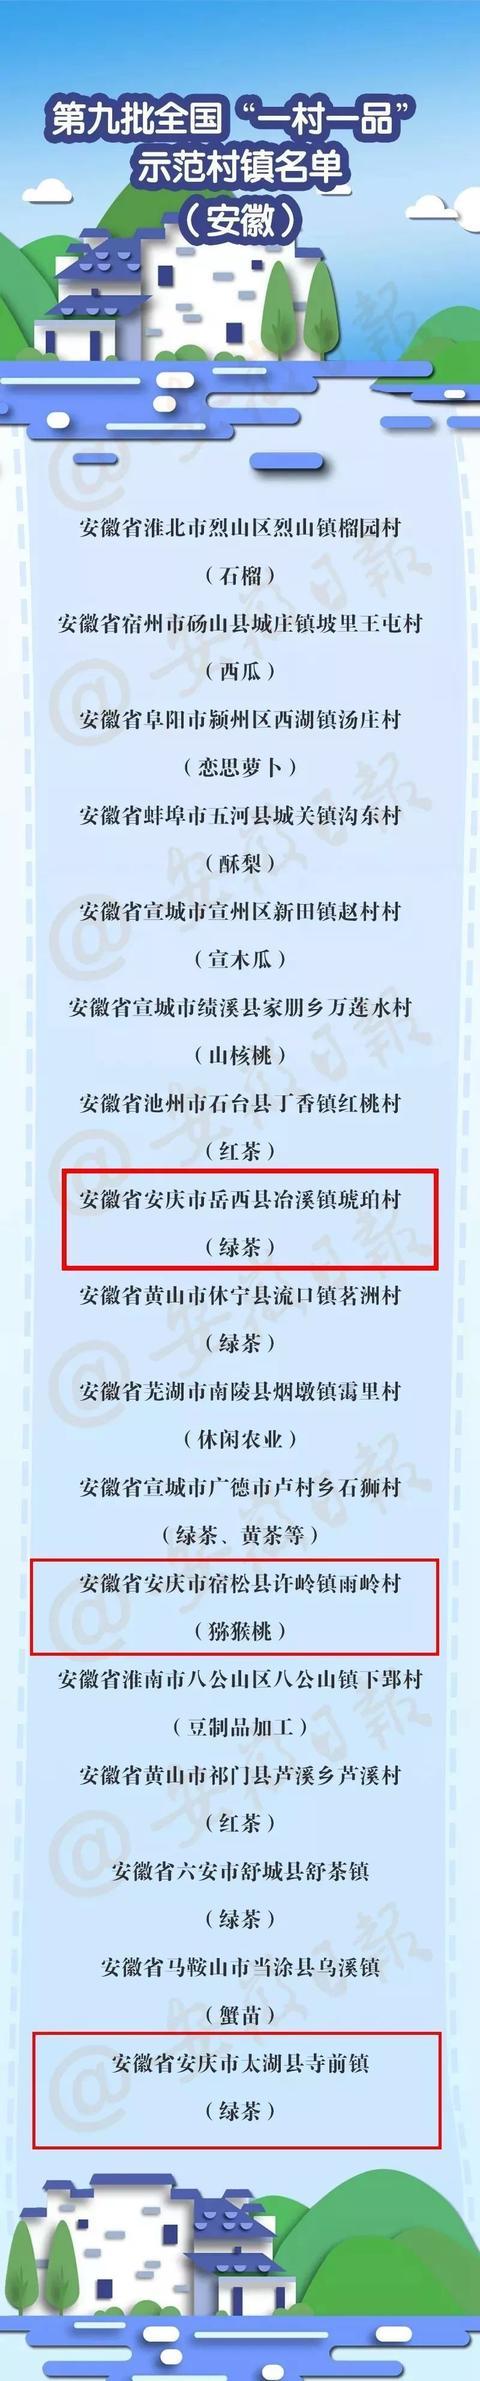 """安庆3地成""""一村一品""""全国示范,他们有哪些特产?"""